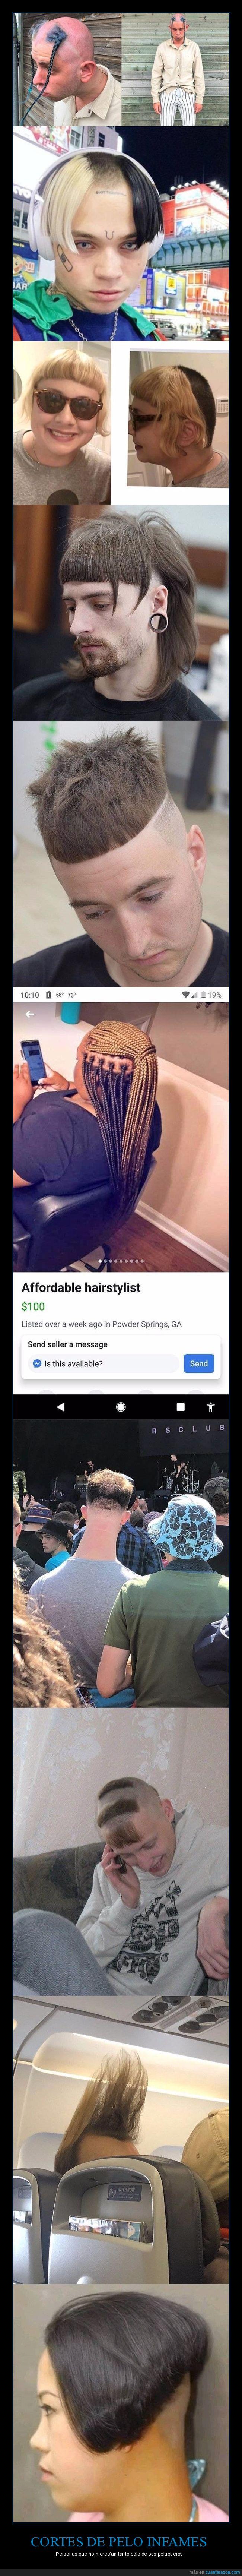 cortes de pelo,peinados,peluqueros